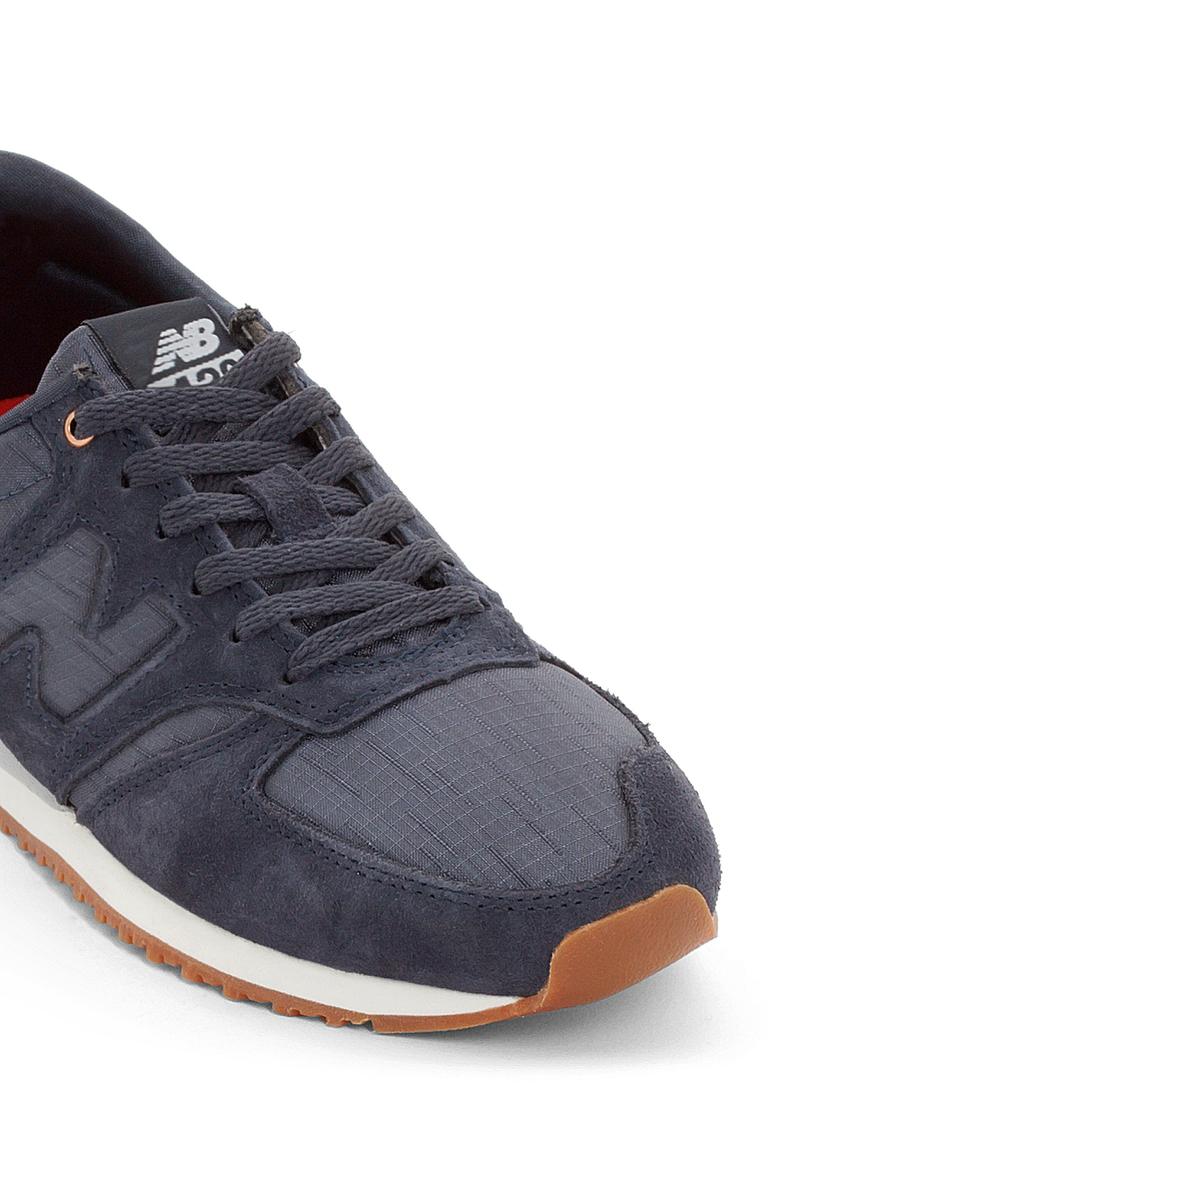 Кроссовки WL420SCAОписание:Детали   •  Вид спорта : Мультиспорт •  Плоский каблук •  Застежка : шнуровкаСостав и уход   •  Верх 100% кожа •  Подкладка 100% текстиль •  Стелька 100% текстиль •  Подошва 100% каучук<br><br>Цвет: сине-серый<br>Размер: 36